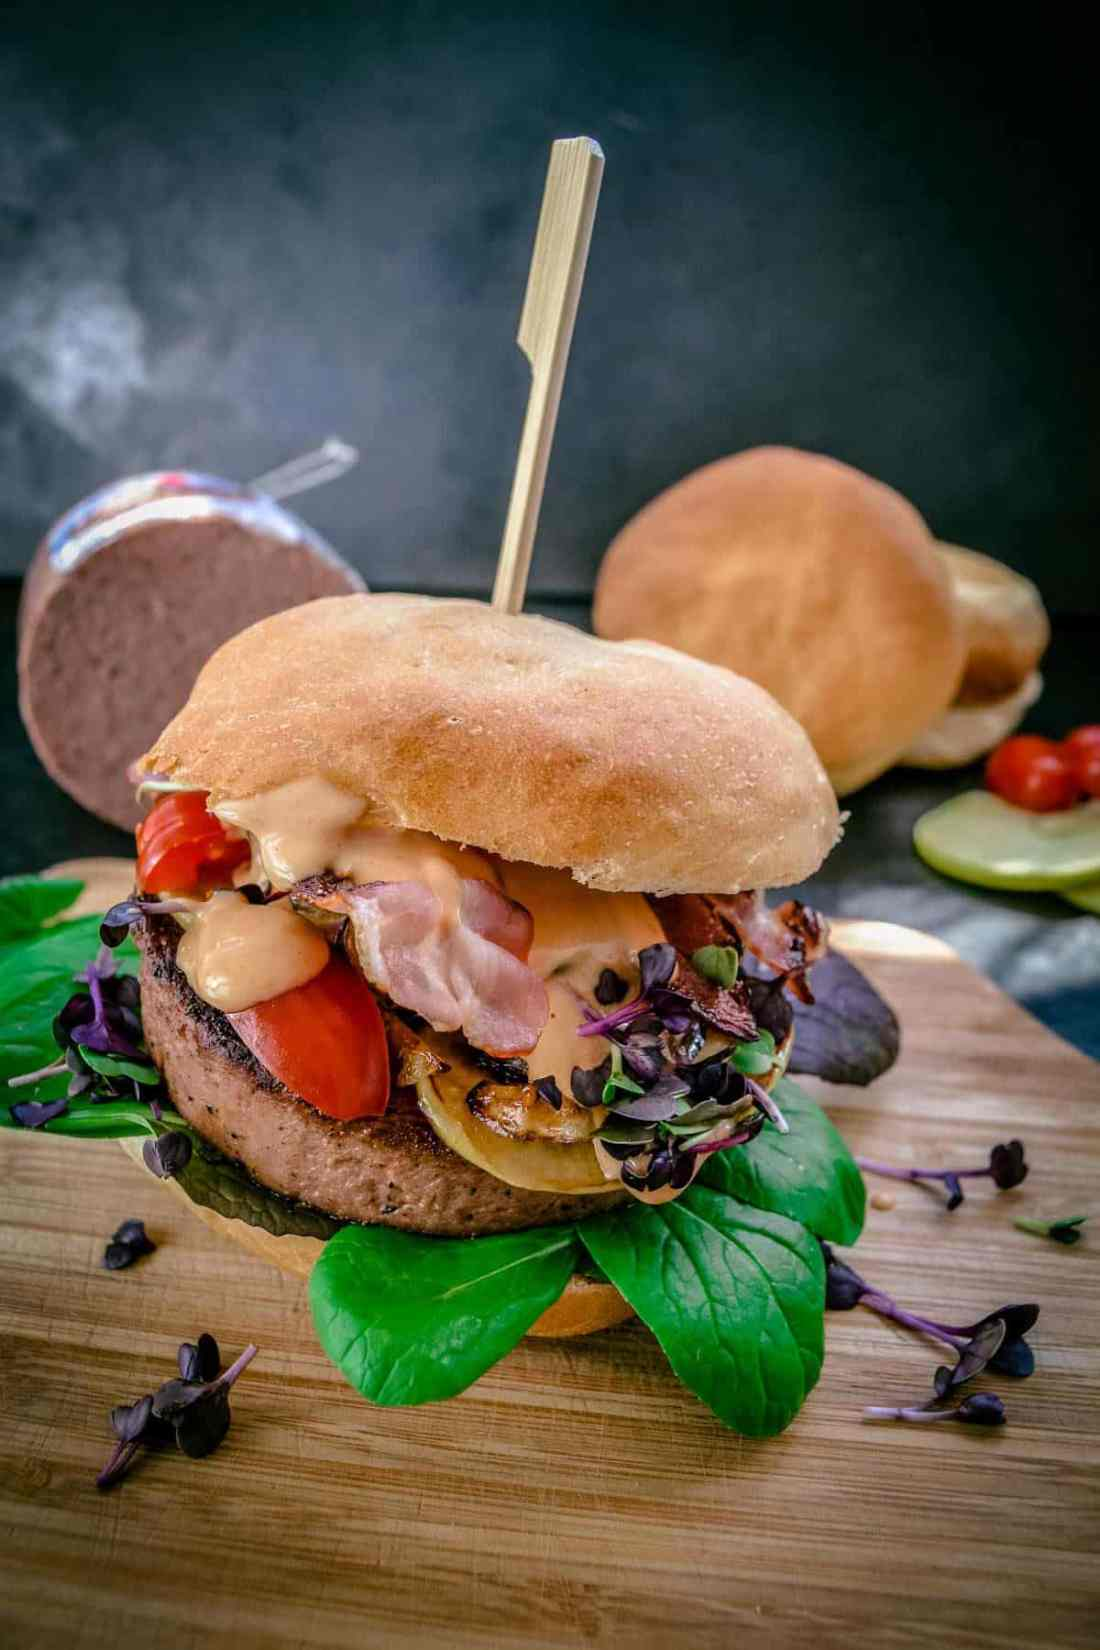 Einladung zum Blogger-Event von Cornelius Wurstwaren - Kochen aus Liebe